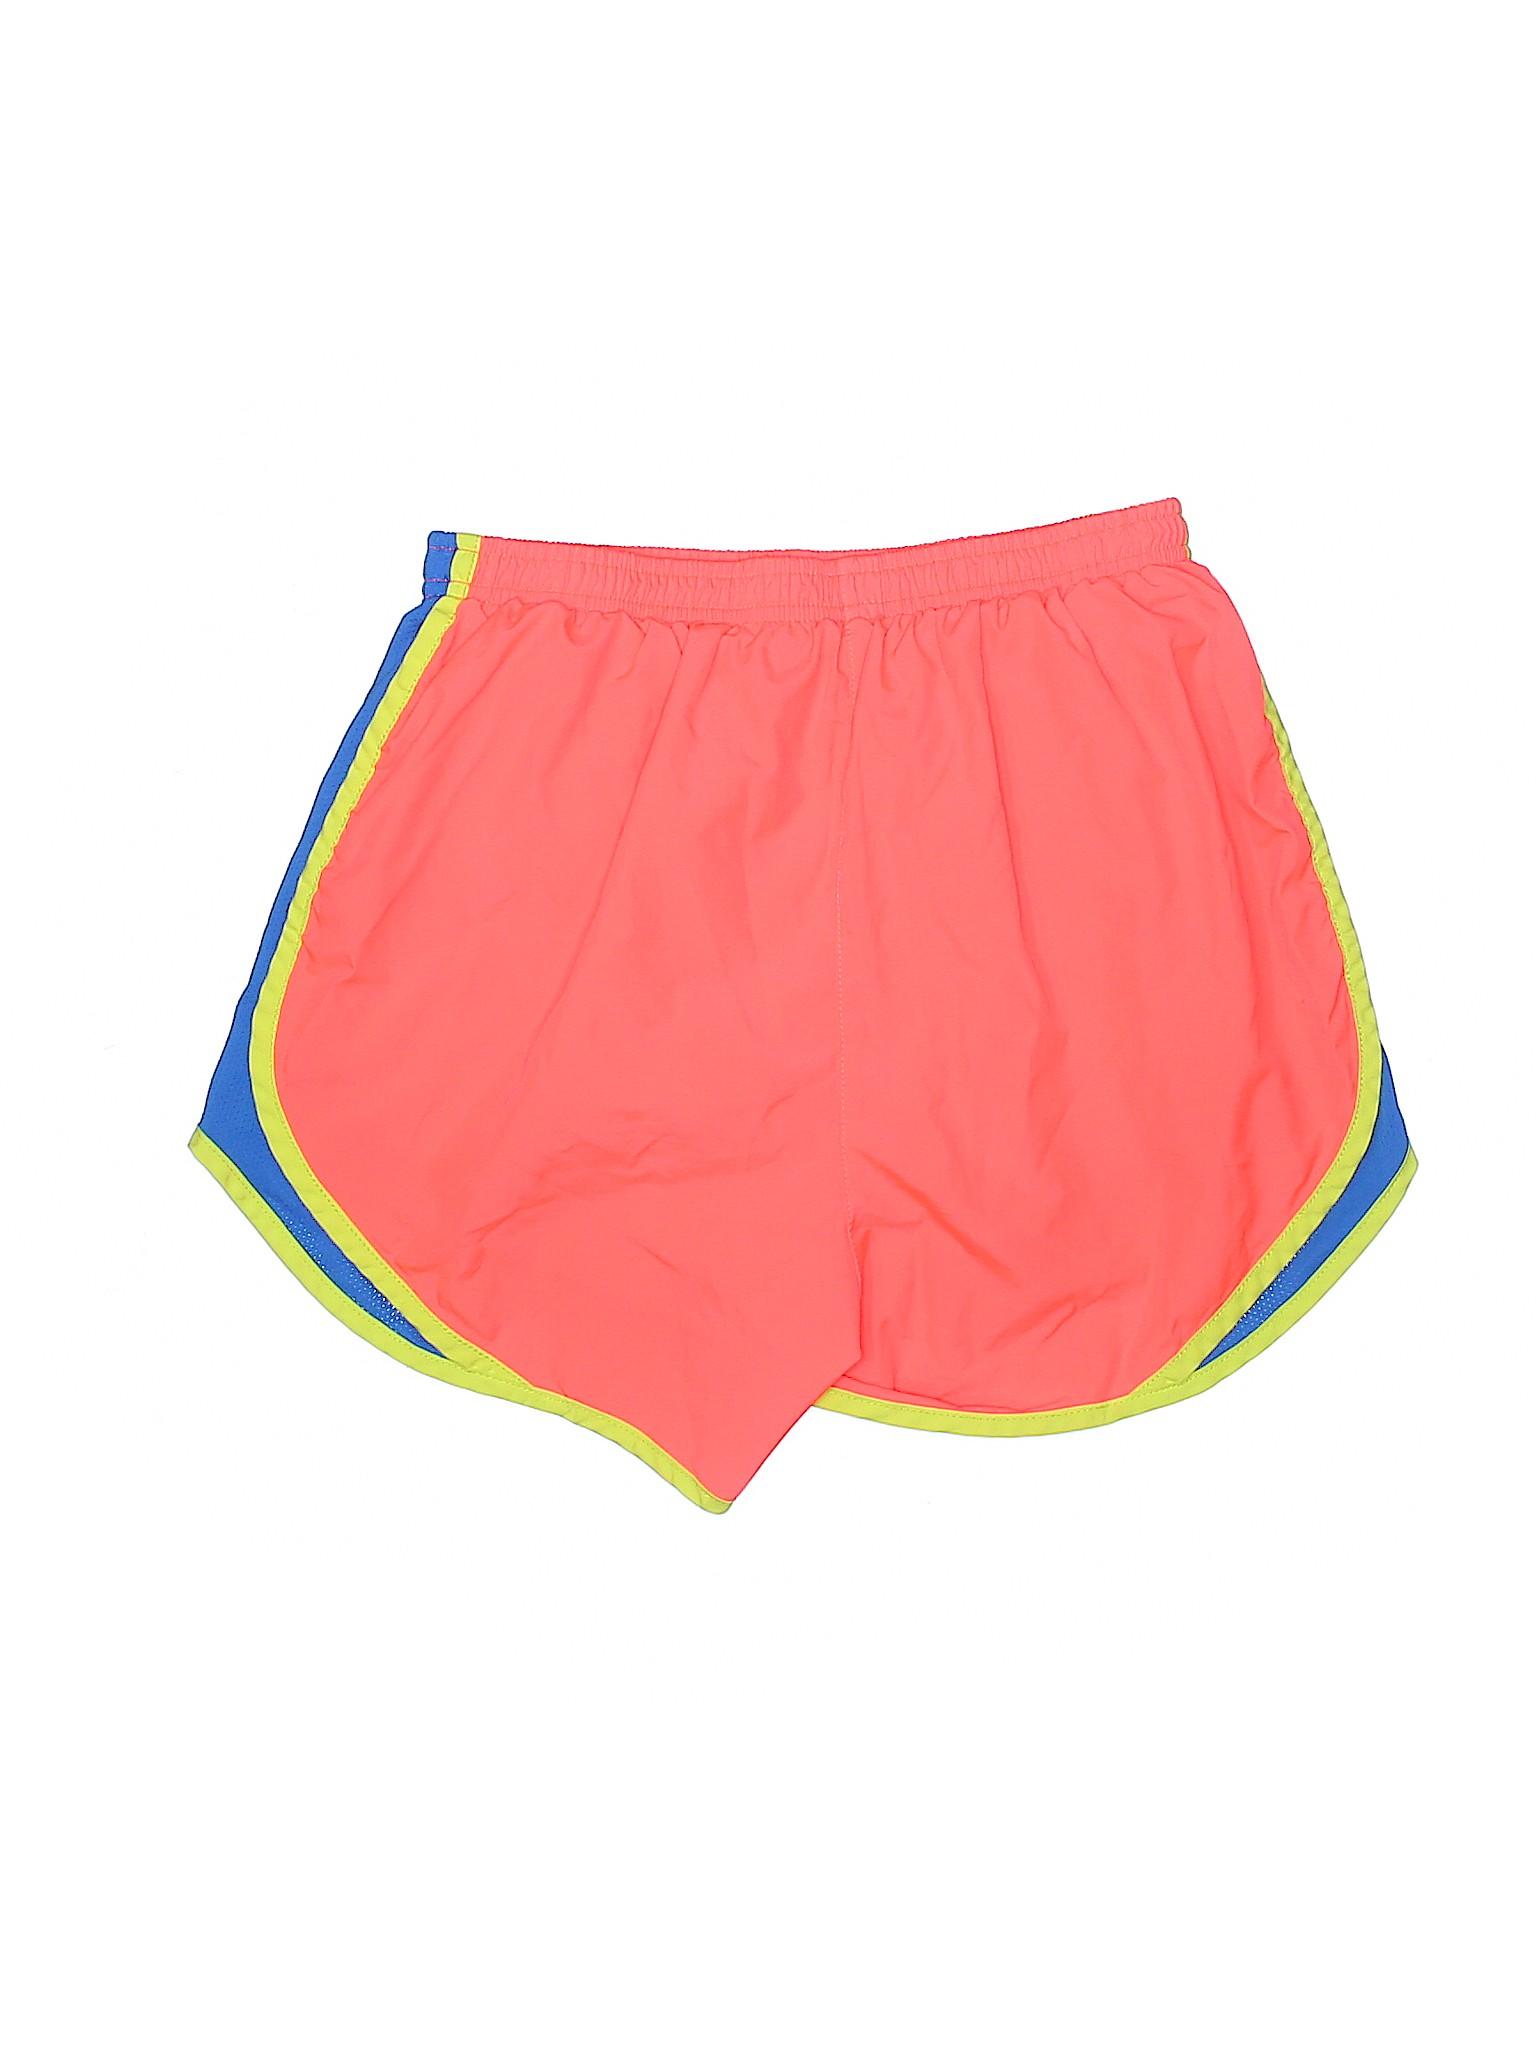 Boutique Athletic Shorts Boutique Nike Nike 8vwBxZvq